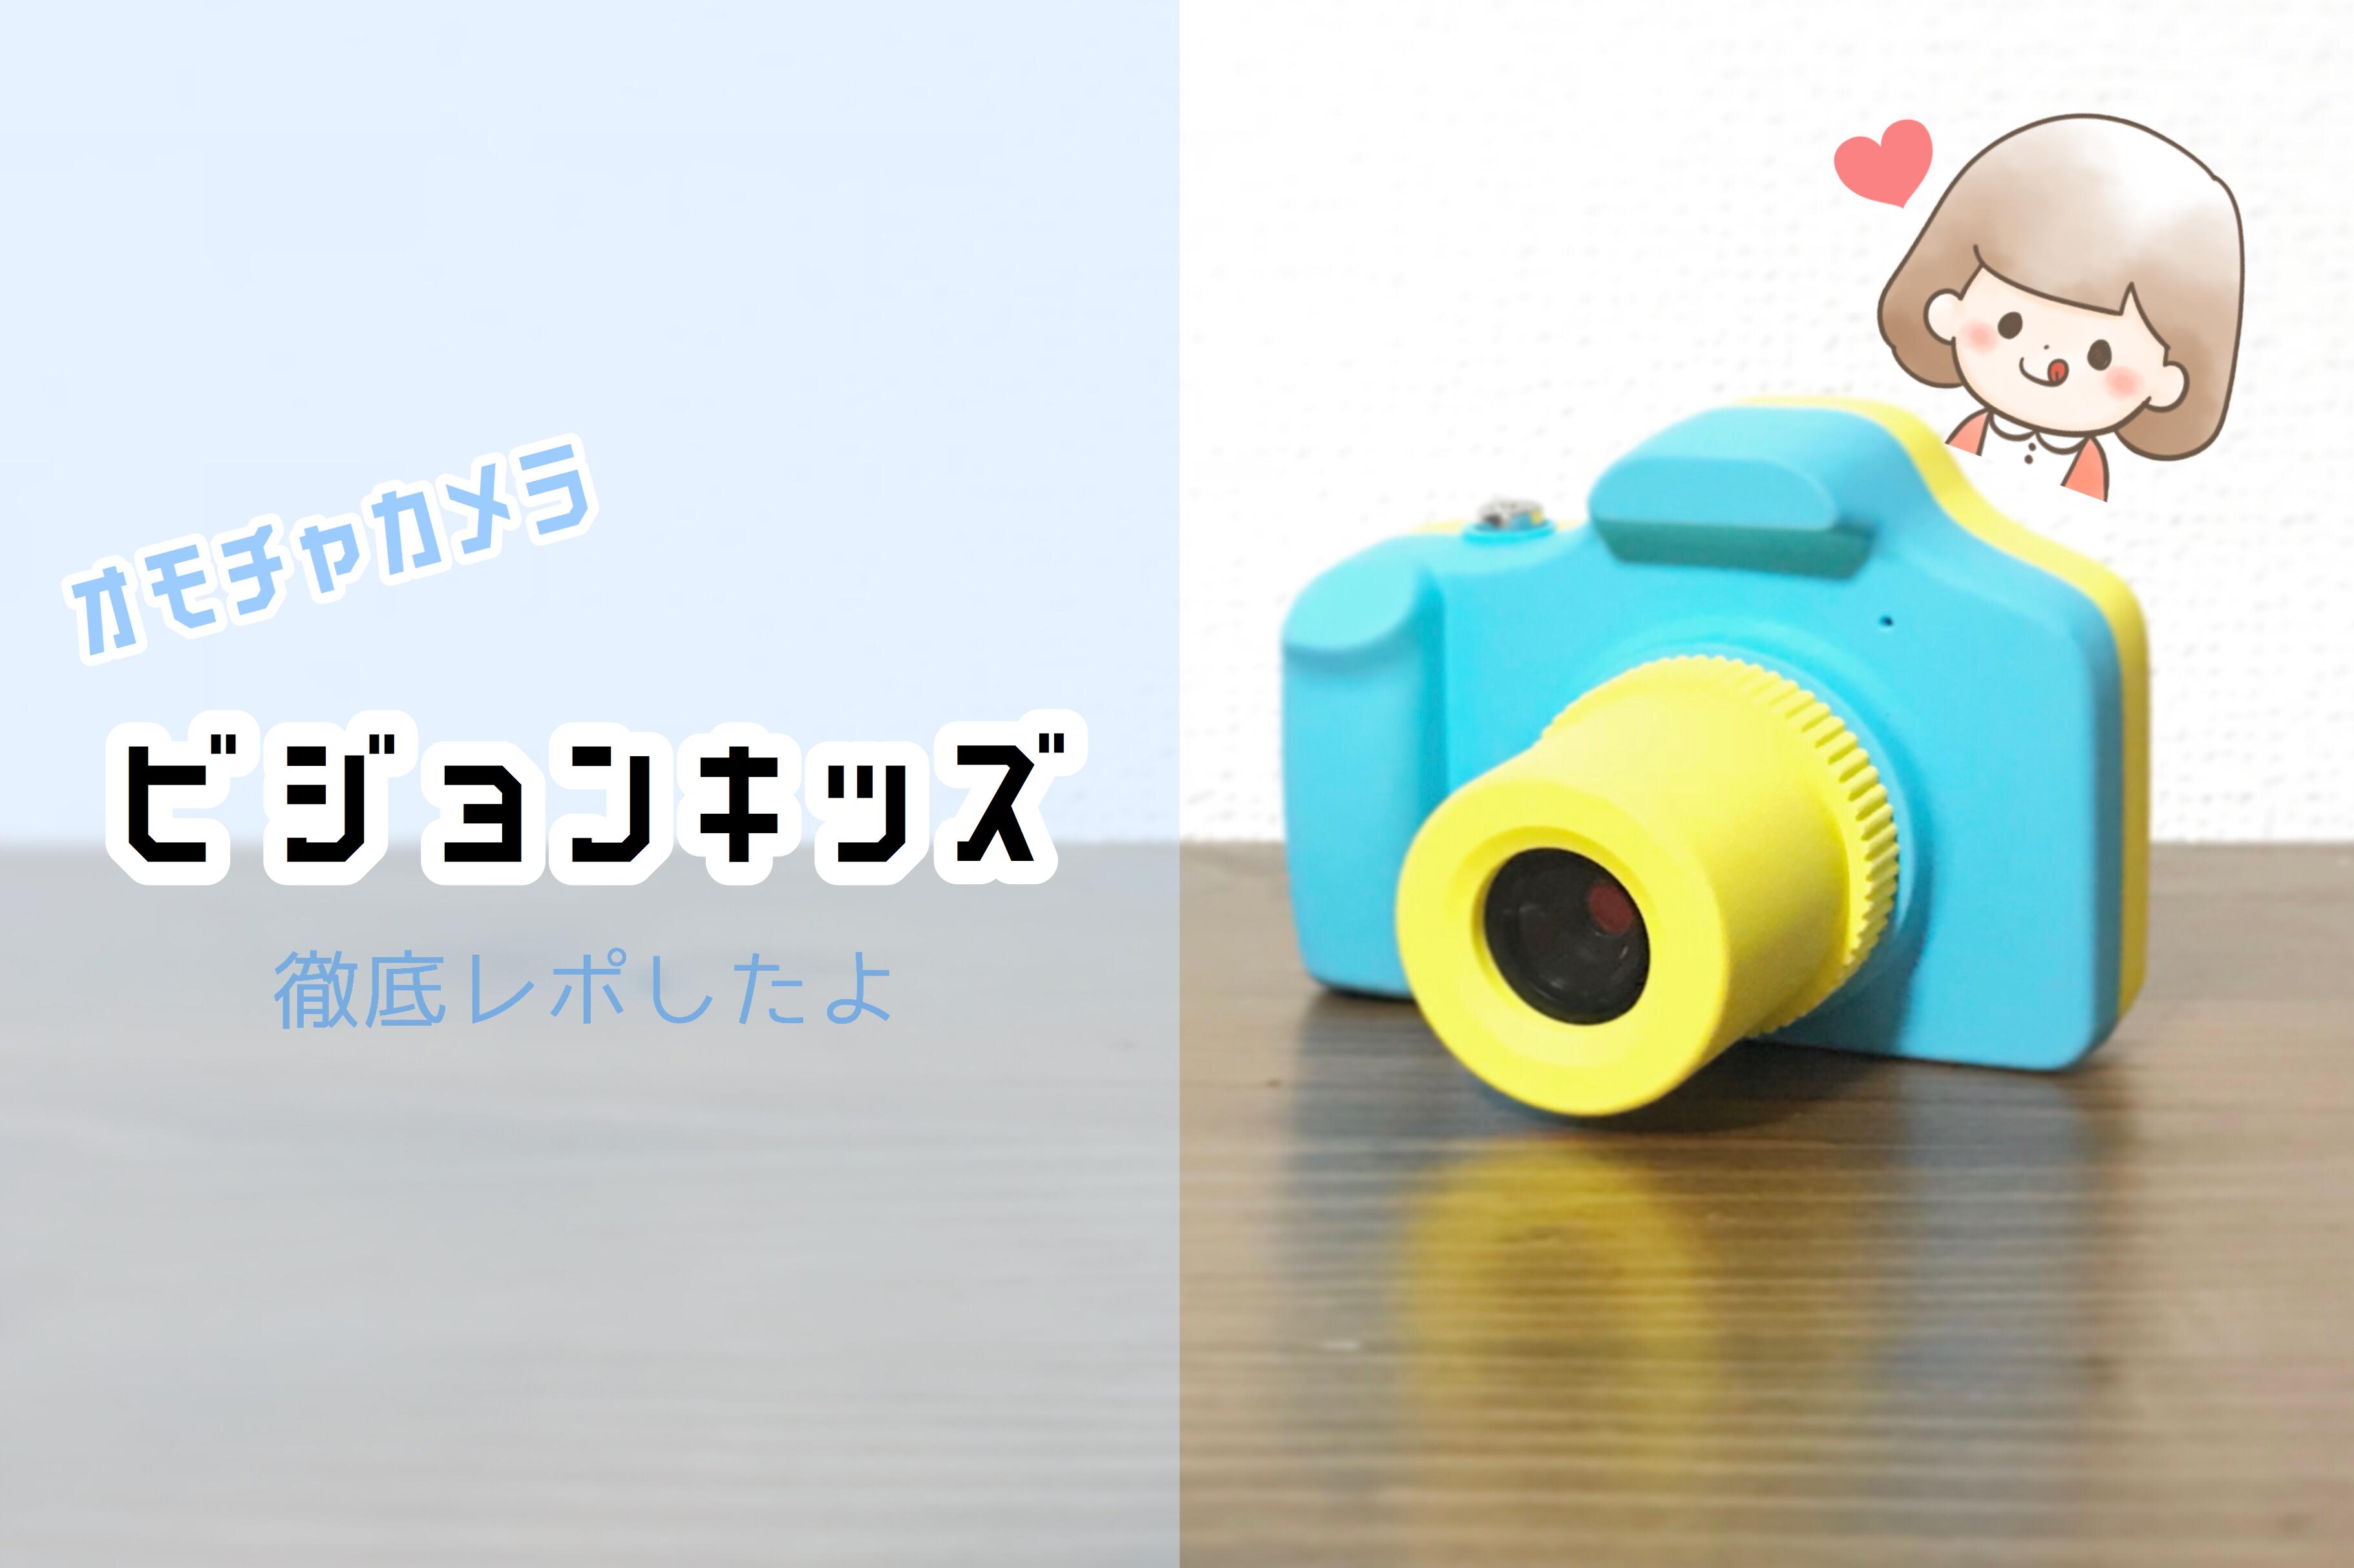 キッズカメラならこれ!ハピカムのビジョンキッズがおもちゃのレベルを超えてて大満足